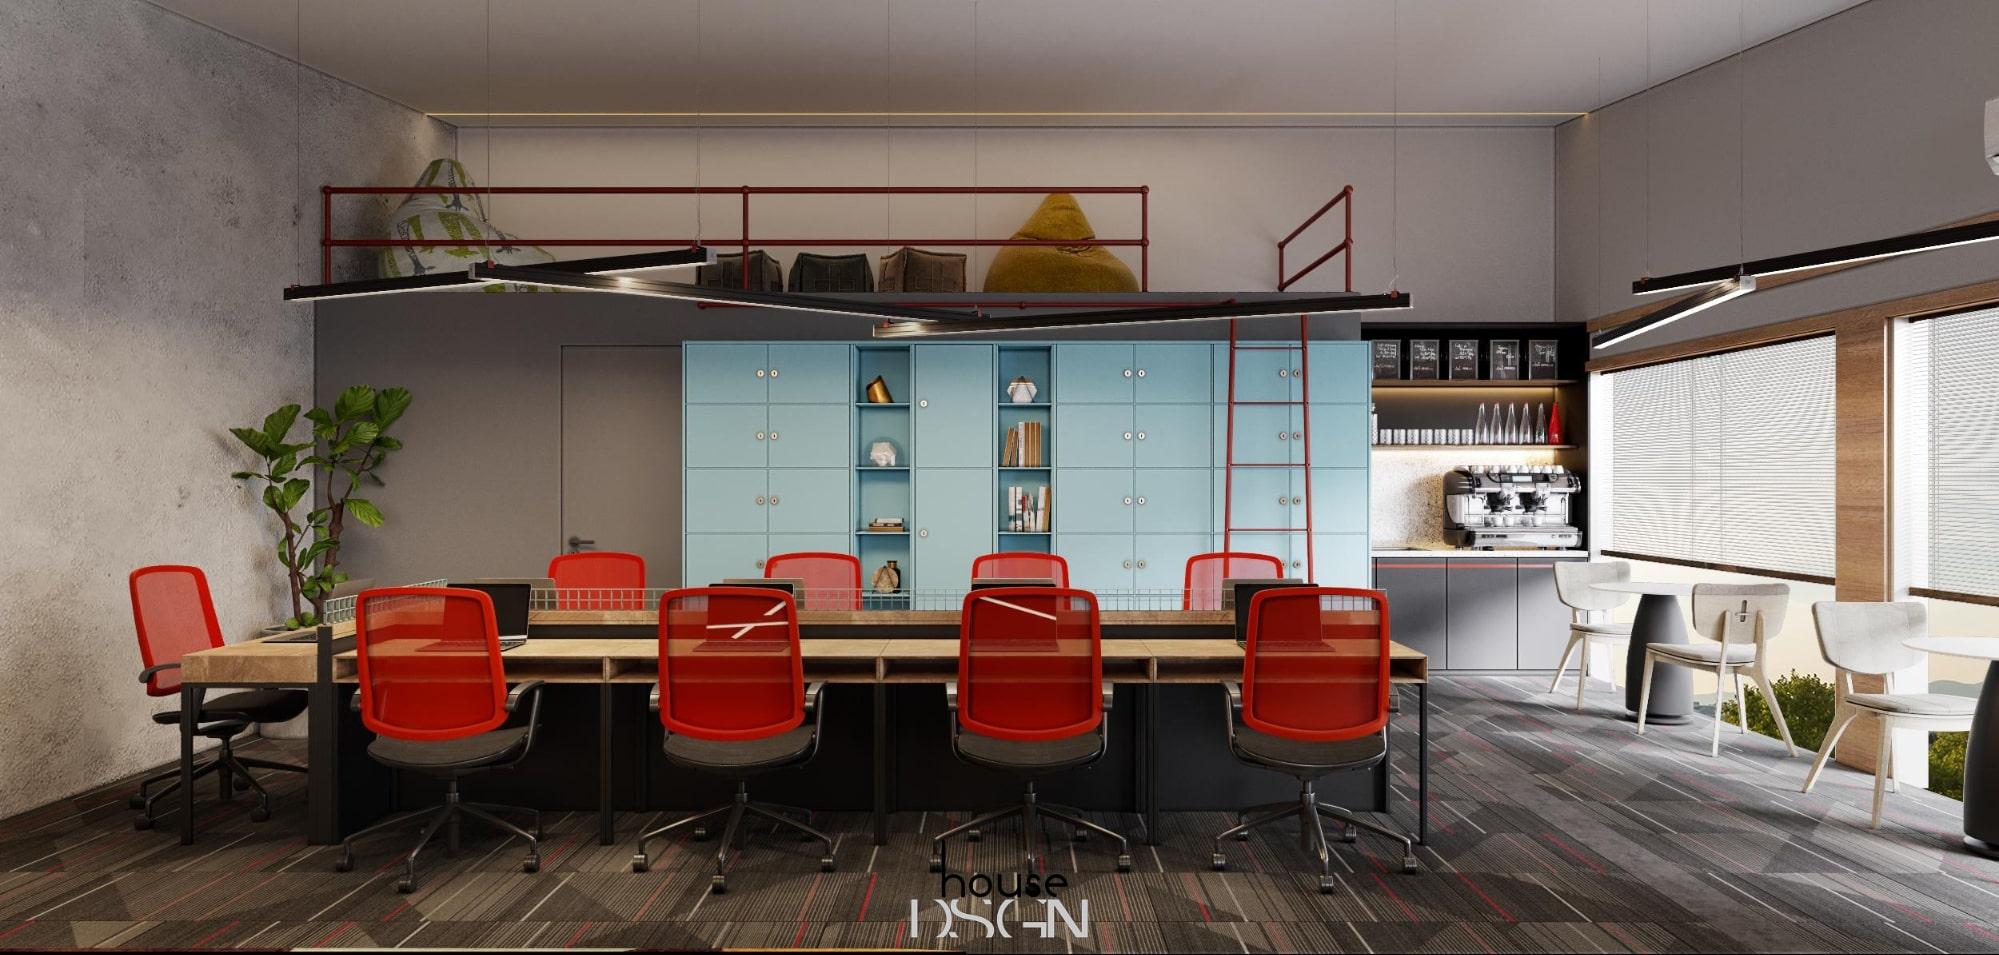 thi công và thiết kế văn phòng tphcm